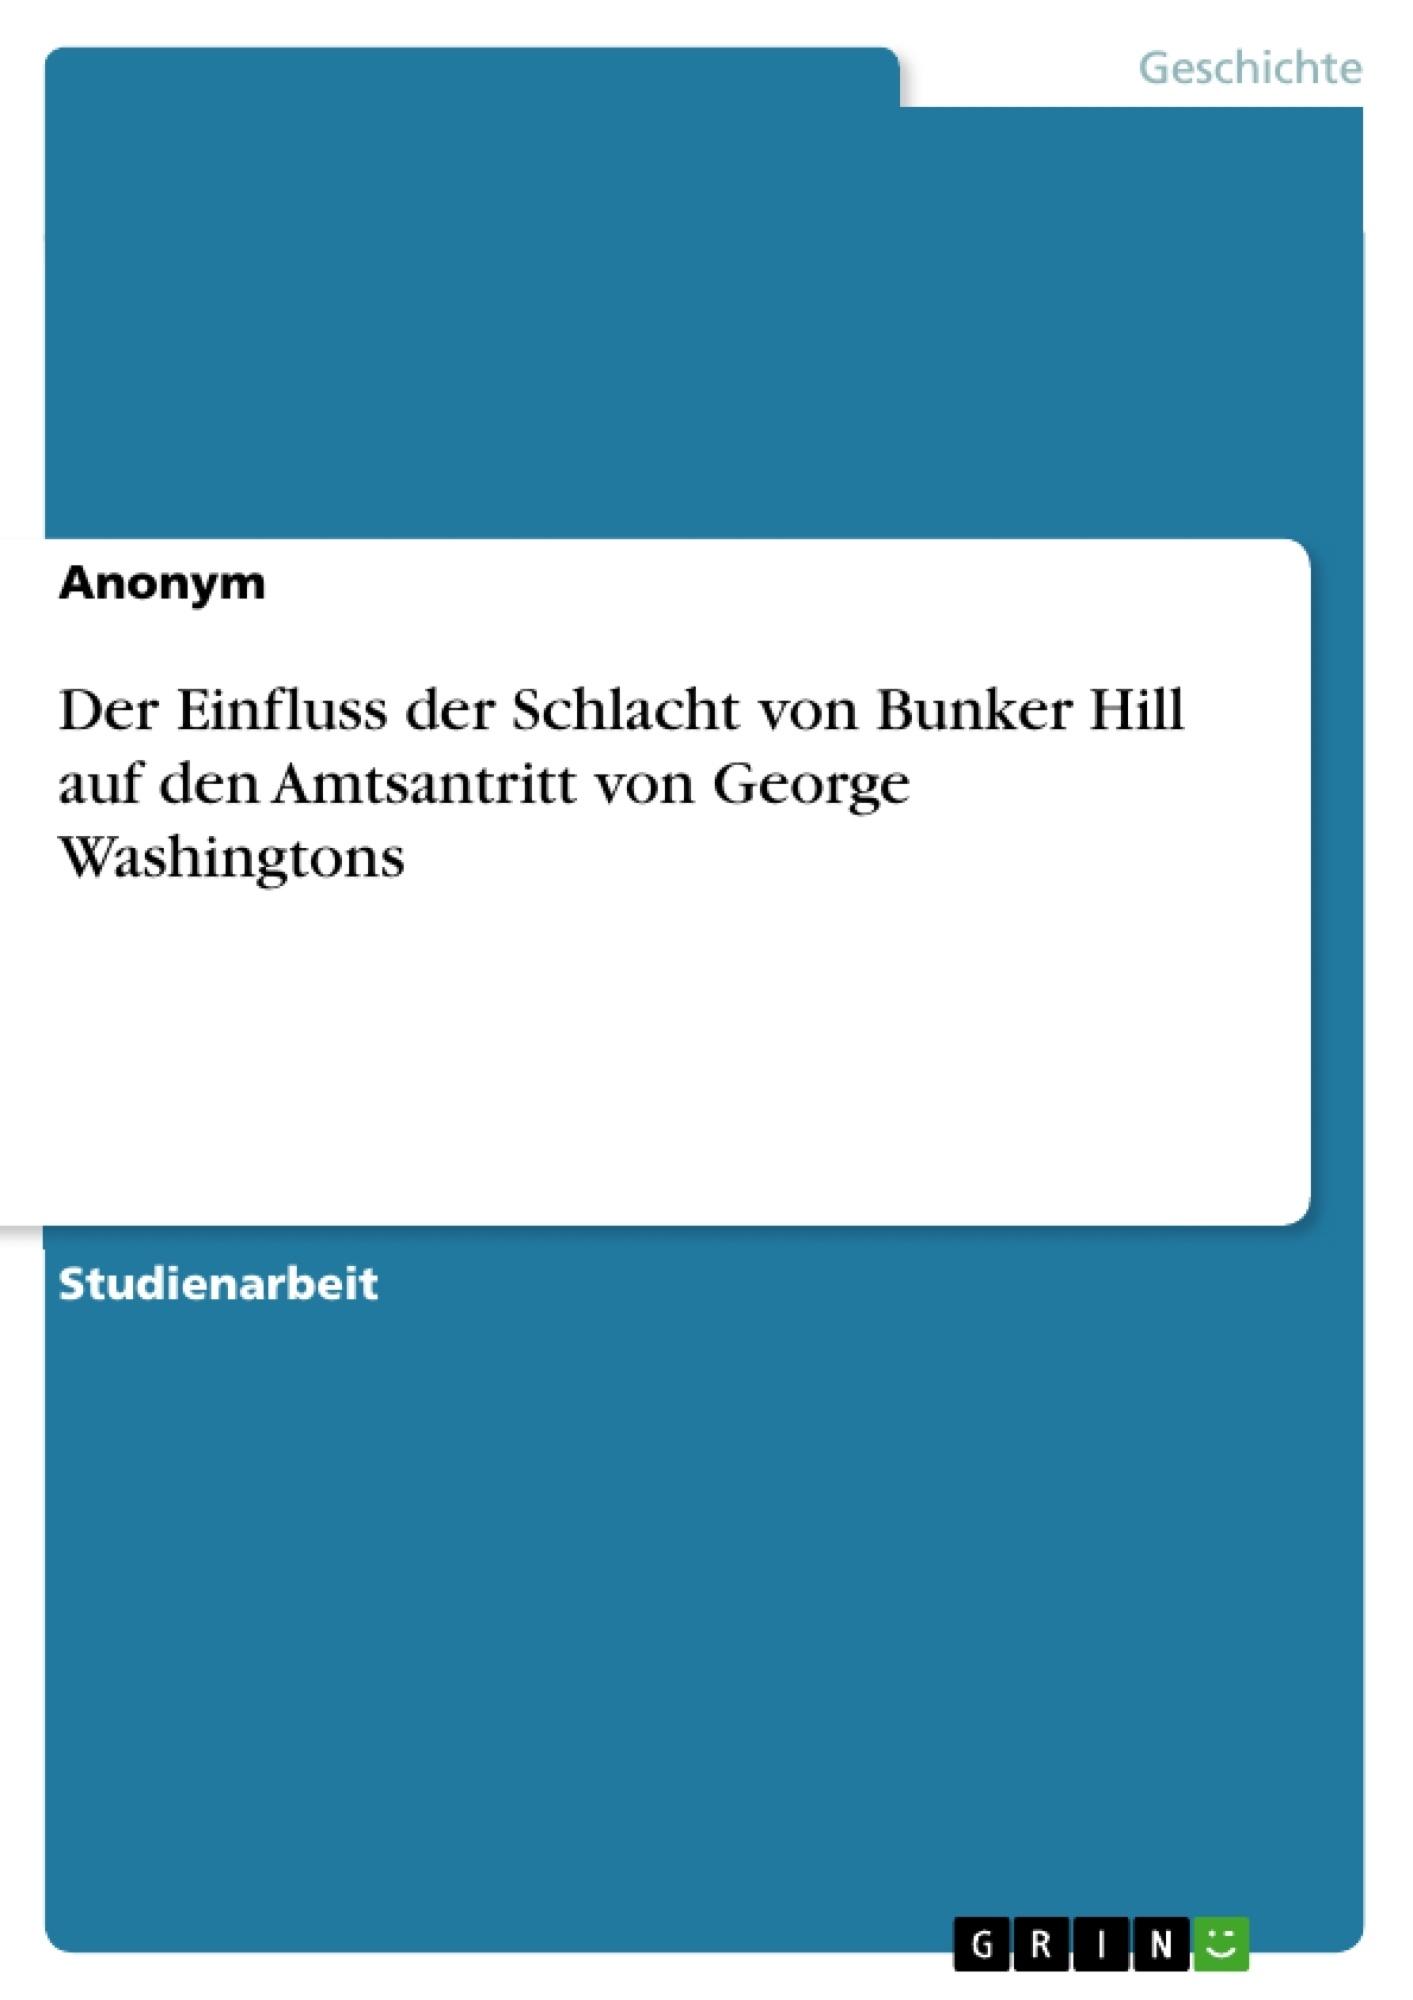 Titel: Der Einfluss der Schlacht von Bunker Hill auf den Amtsantritt von George Washingtons